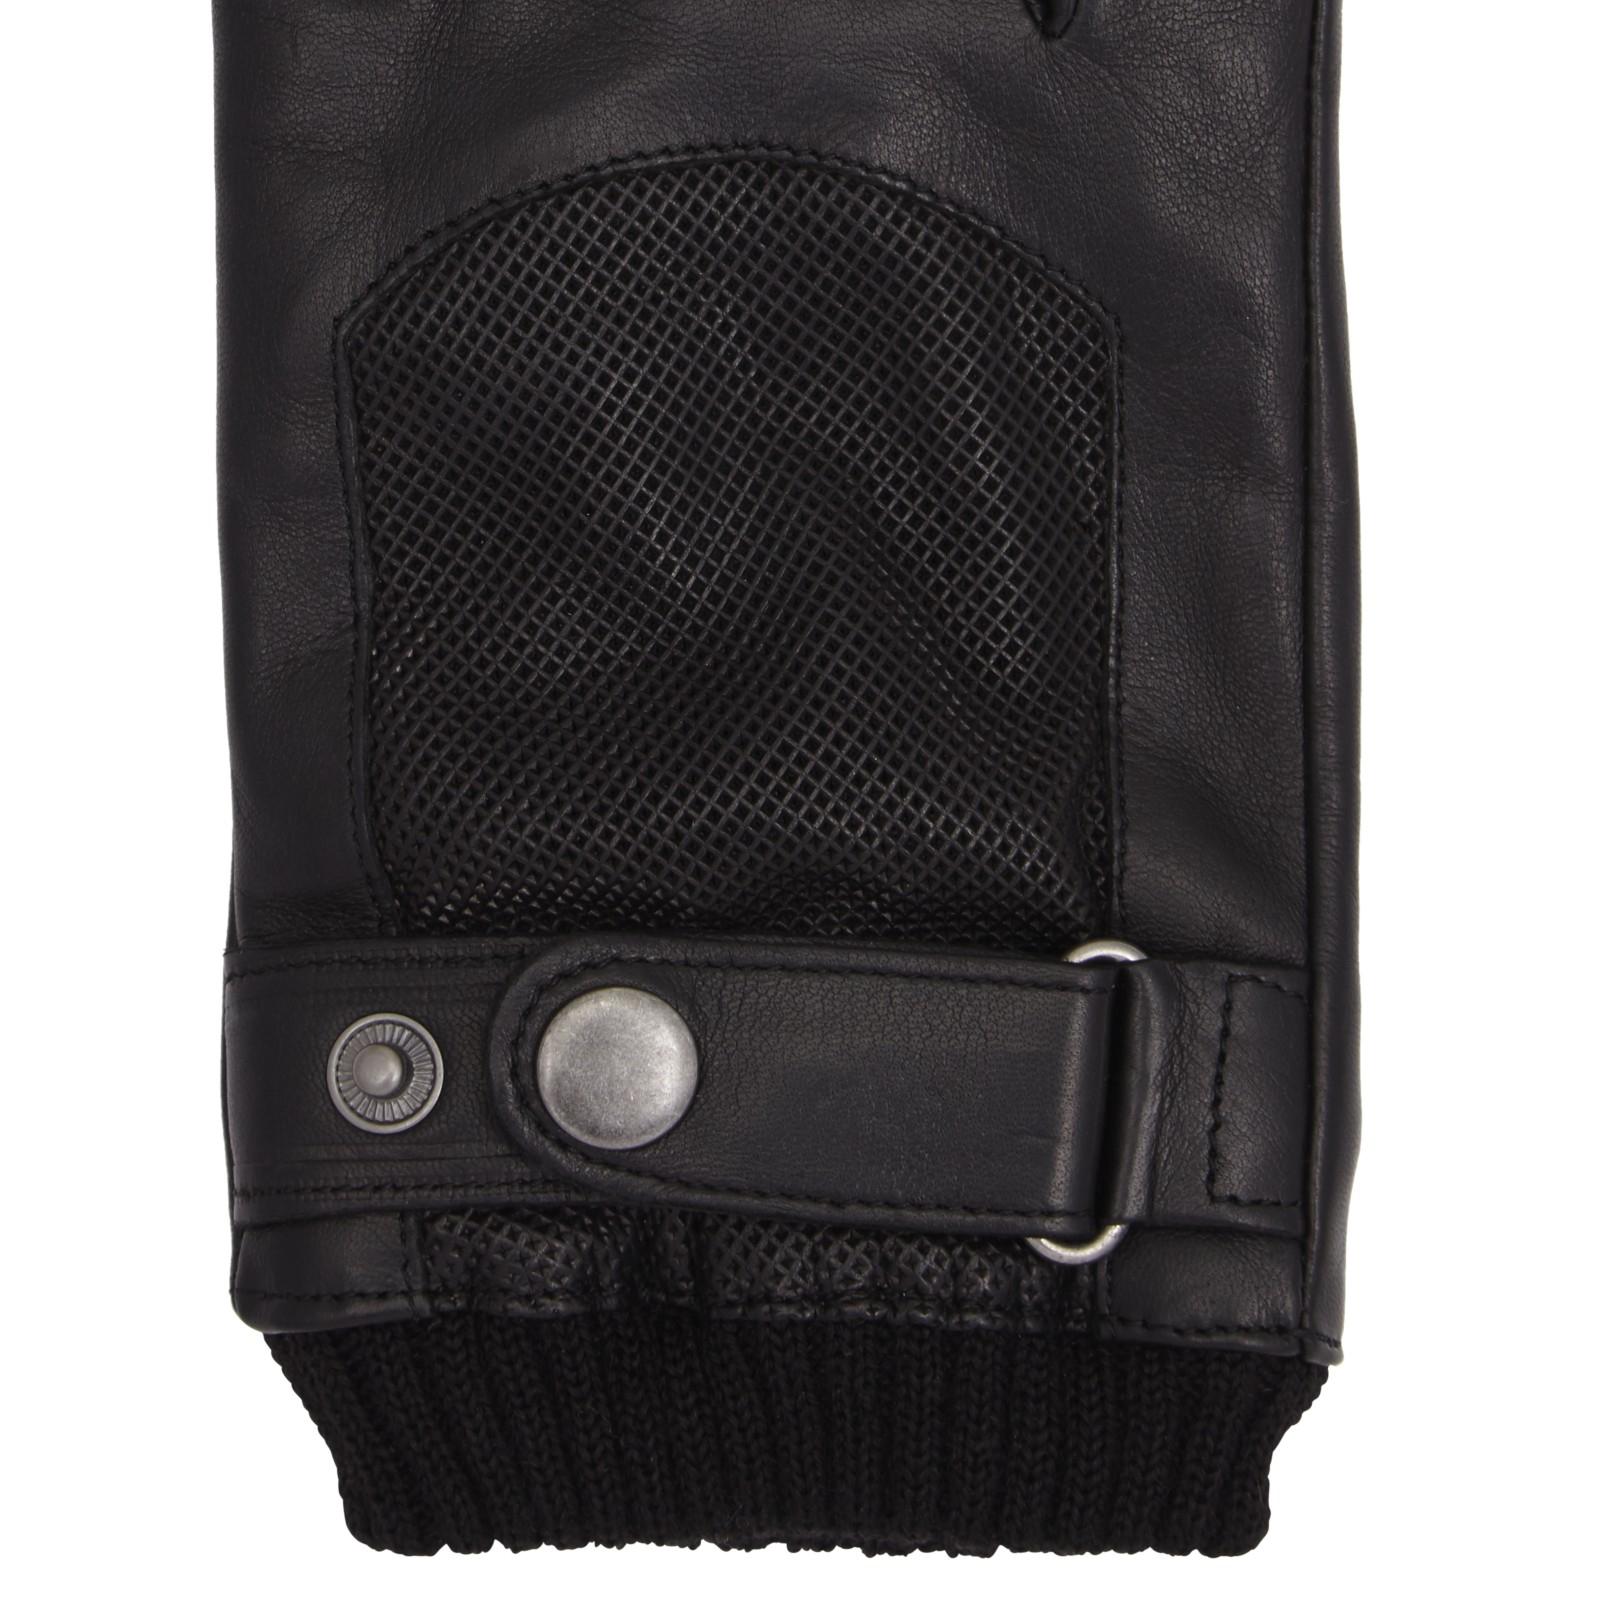 John lewis leather driving gloves - John Lewis Black Perforated Leather Driving Gloves For Men Lyst View Fullscreen